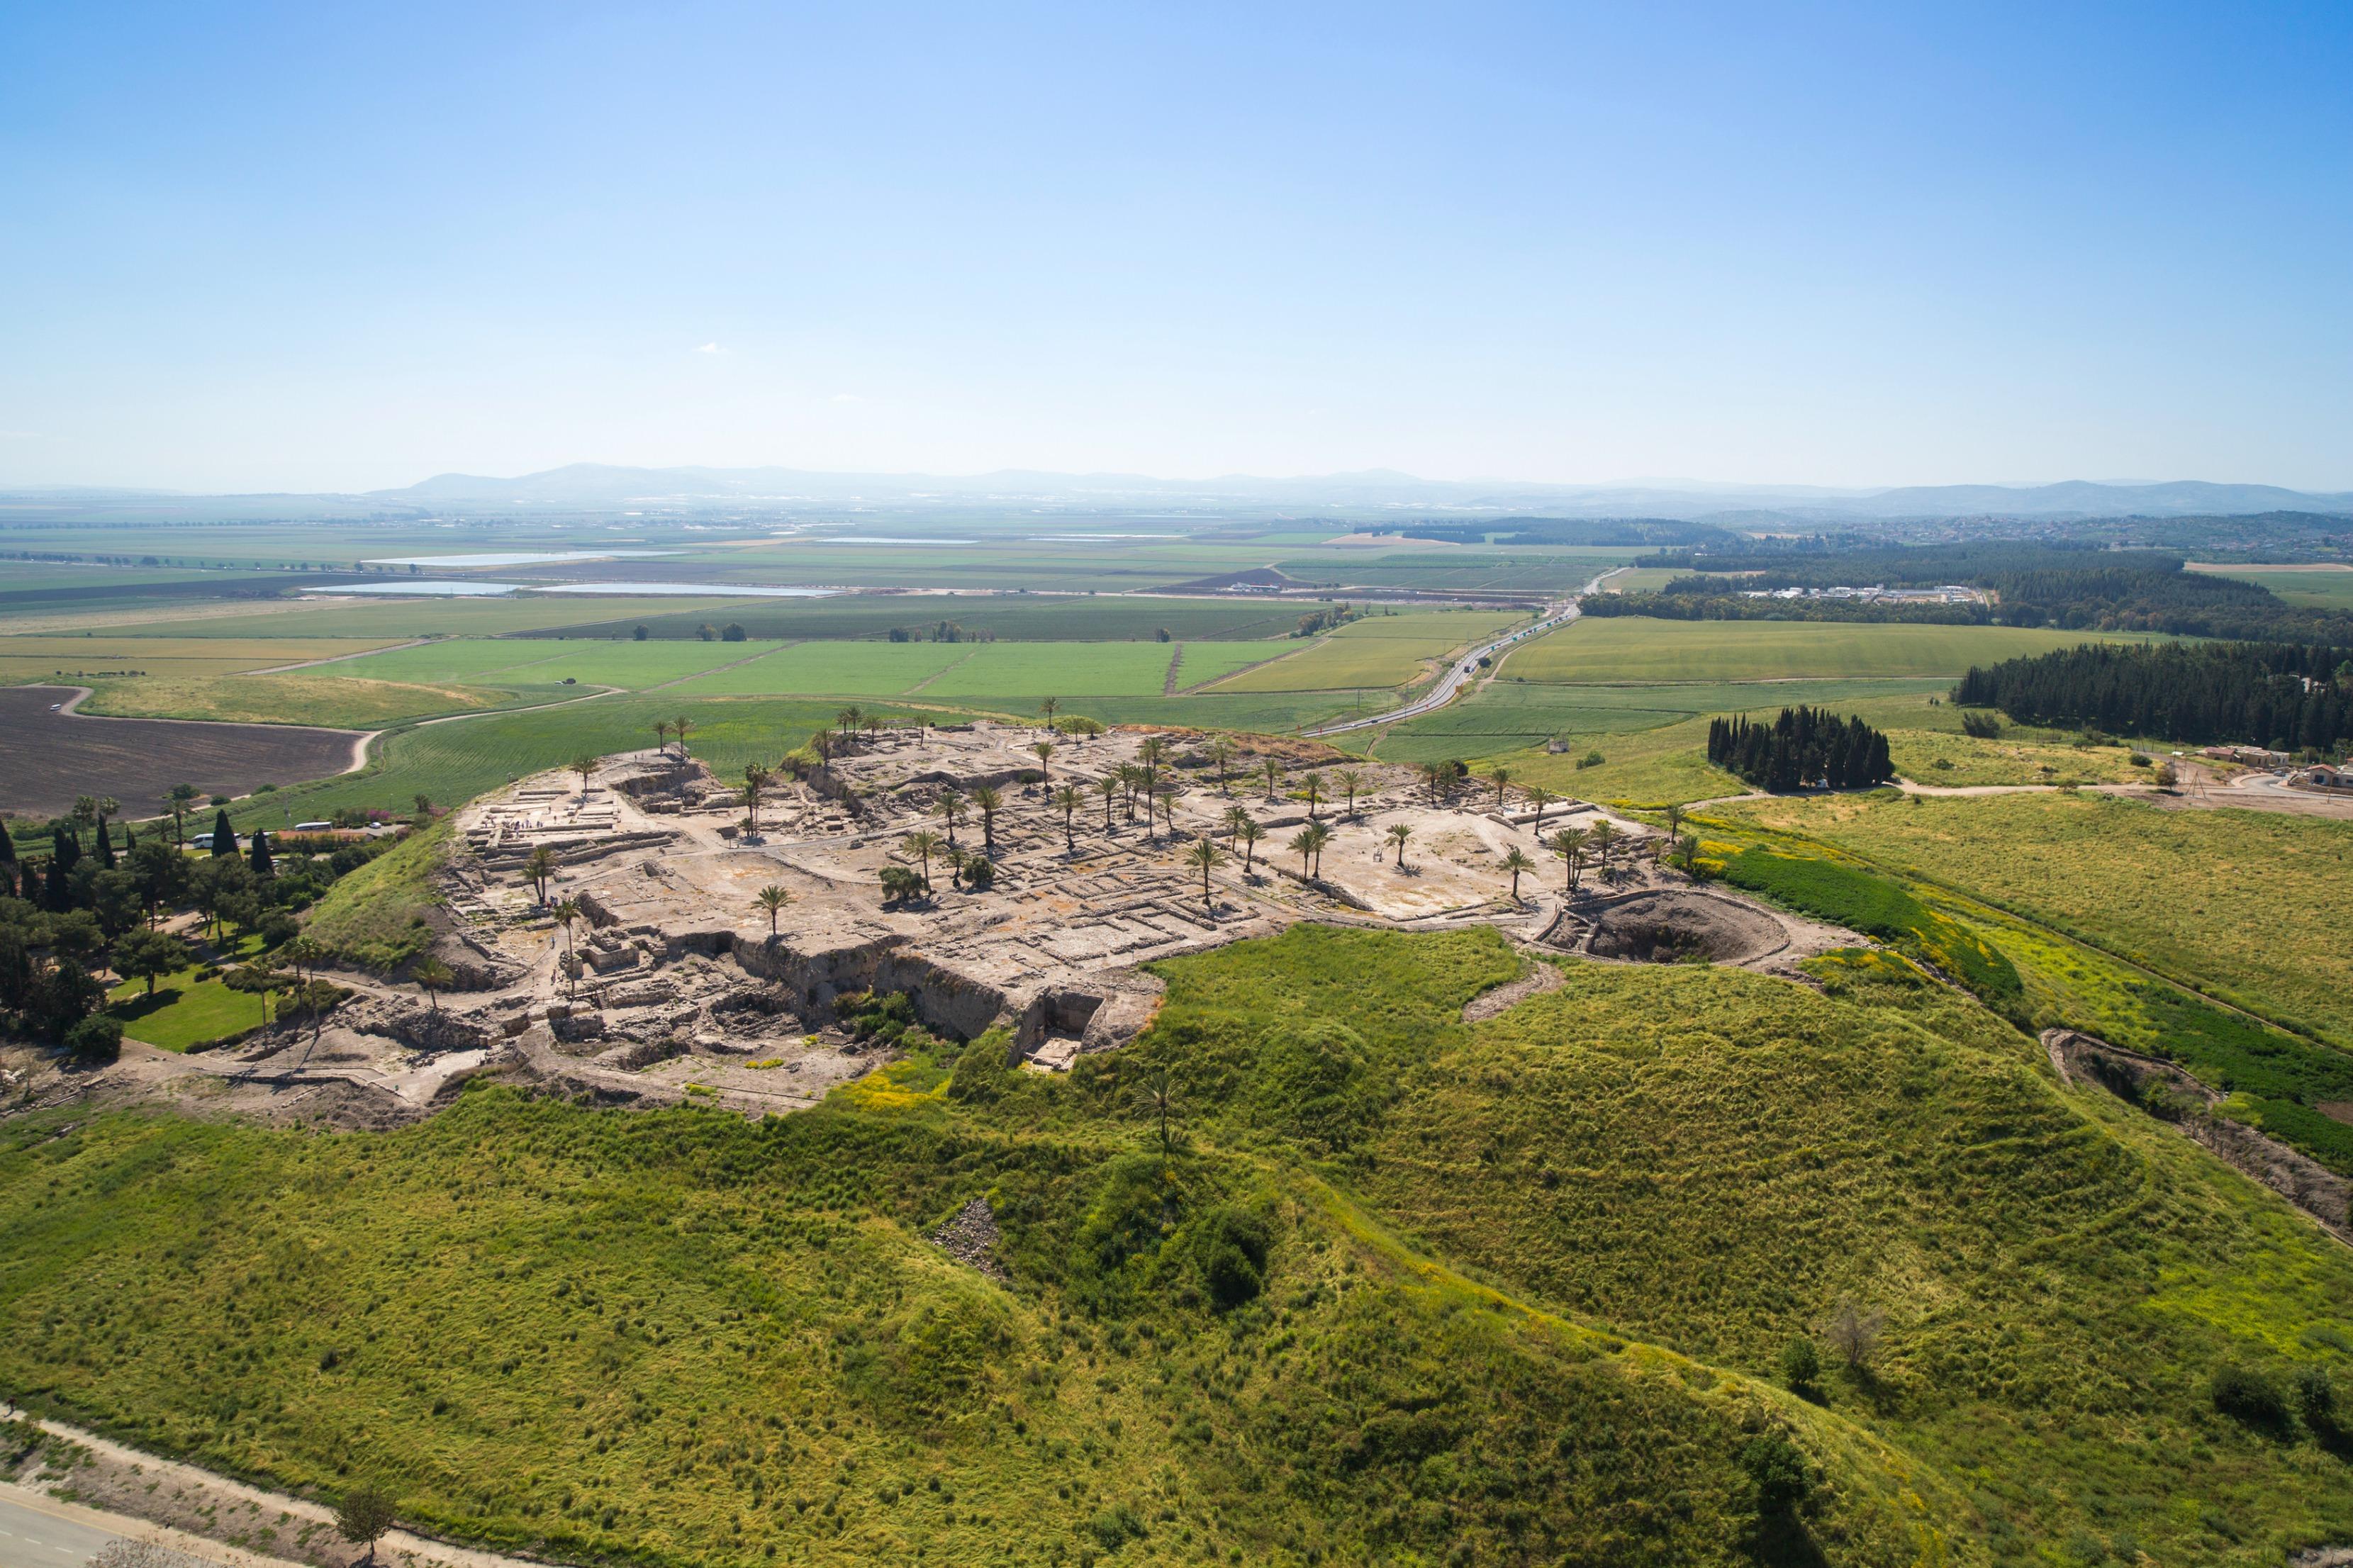 上图:扼守耶斯列平原的米吉多城遗址。哈米吉多顿大战可能将在山下的耶斯列平原进行。